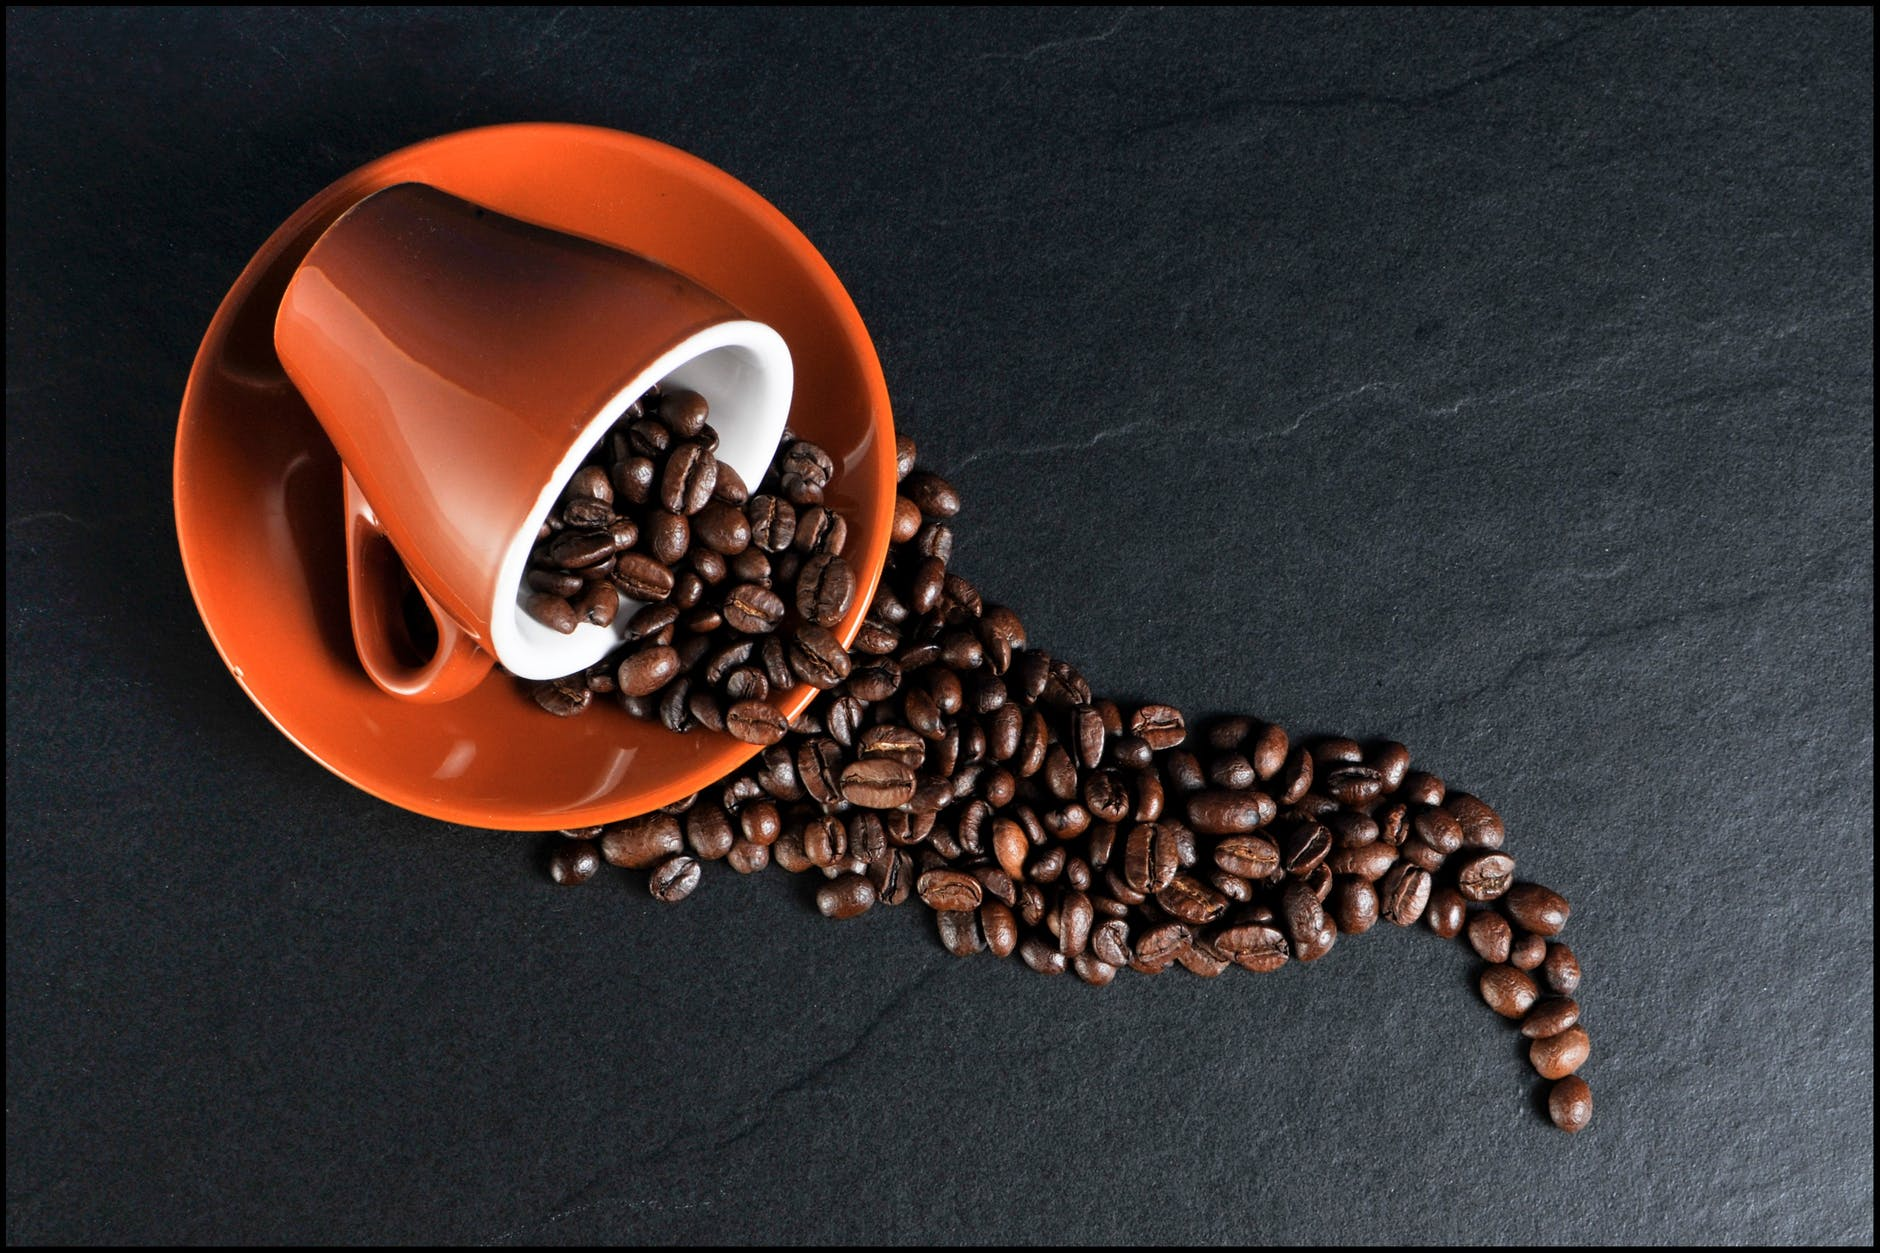 La chronique des Matières Premières Agricoles: Le café au 23 janvier 2020